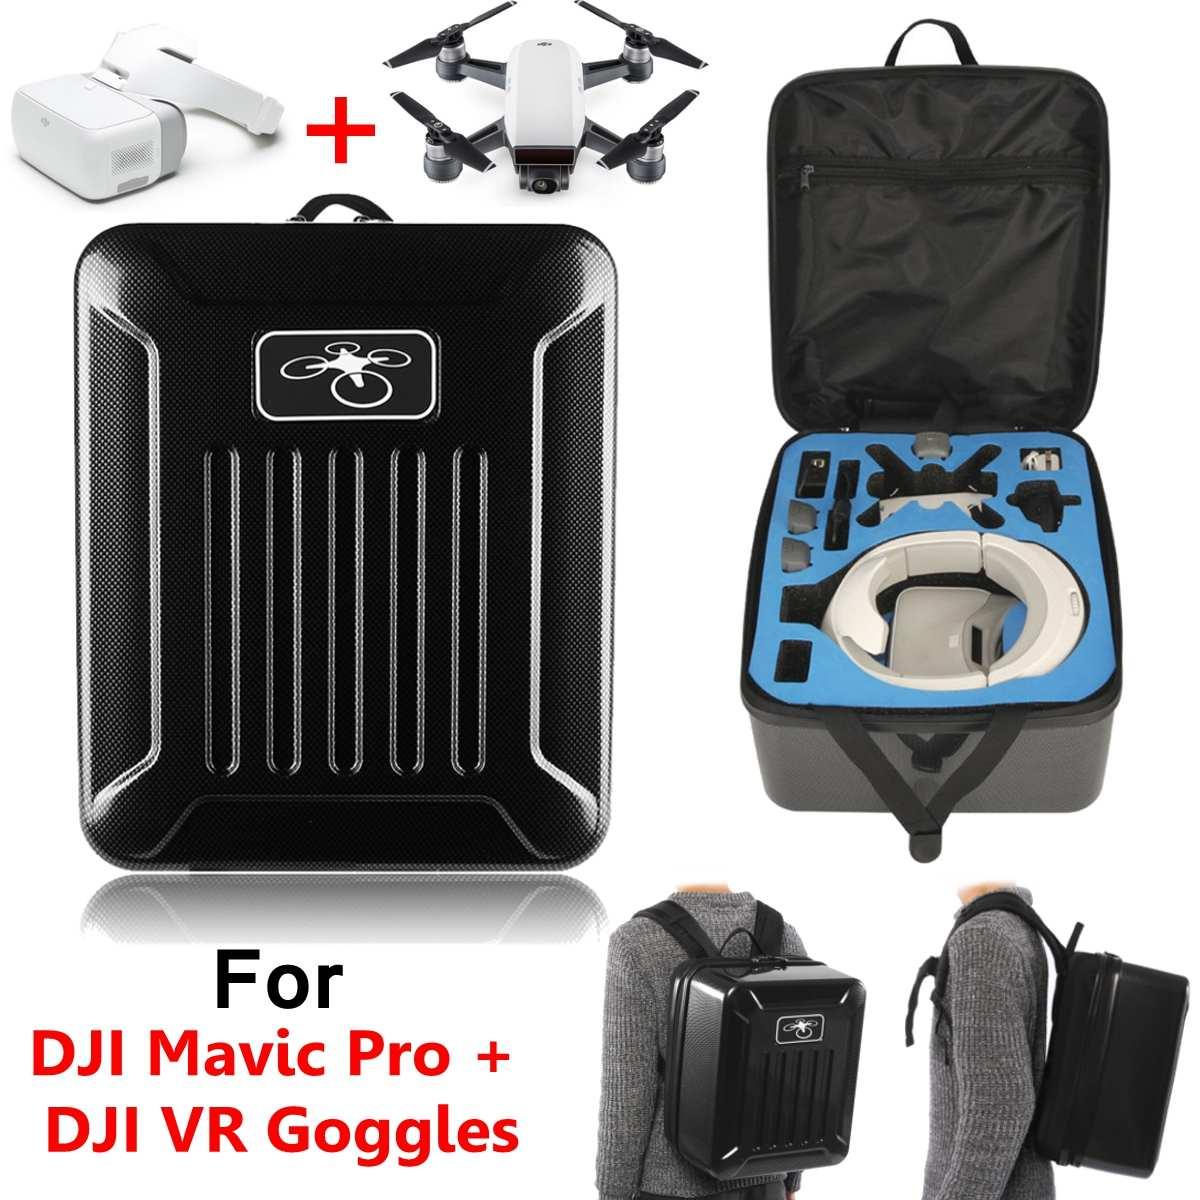 Un grand sac à dos Compatible noir en Fiber de carbone pour lunettes VR DJI Spark ou Mavic Pro EPE et EVA capacité raisonnable